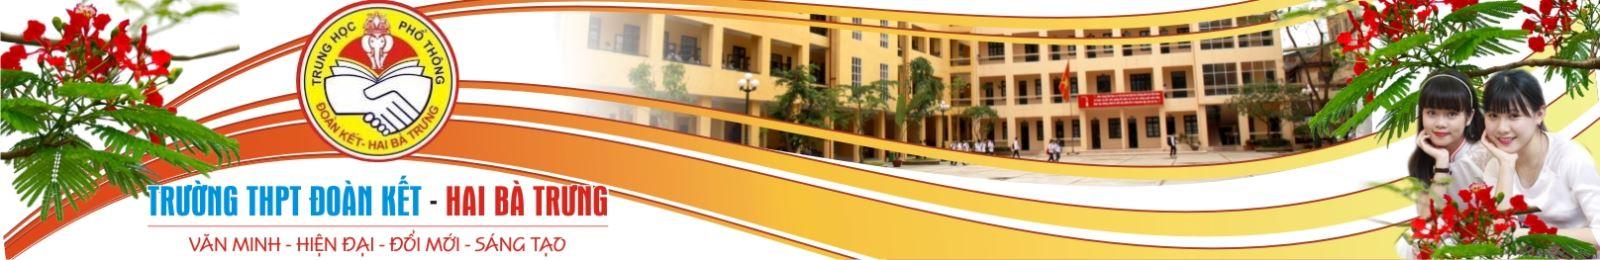 Đoàn Kết - Trường THPT công lập quận Hai Bà Trưng, Hà Nội (Ảnh: website nhà trường)